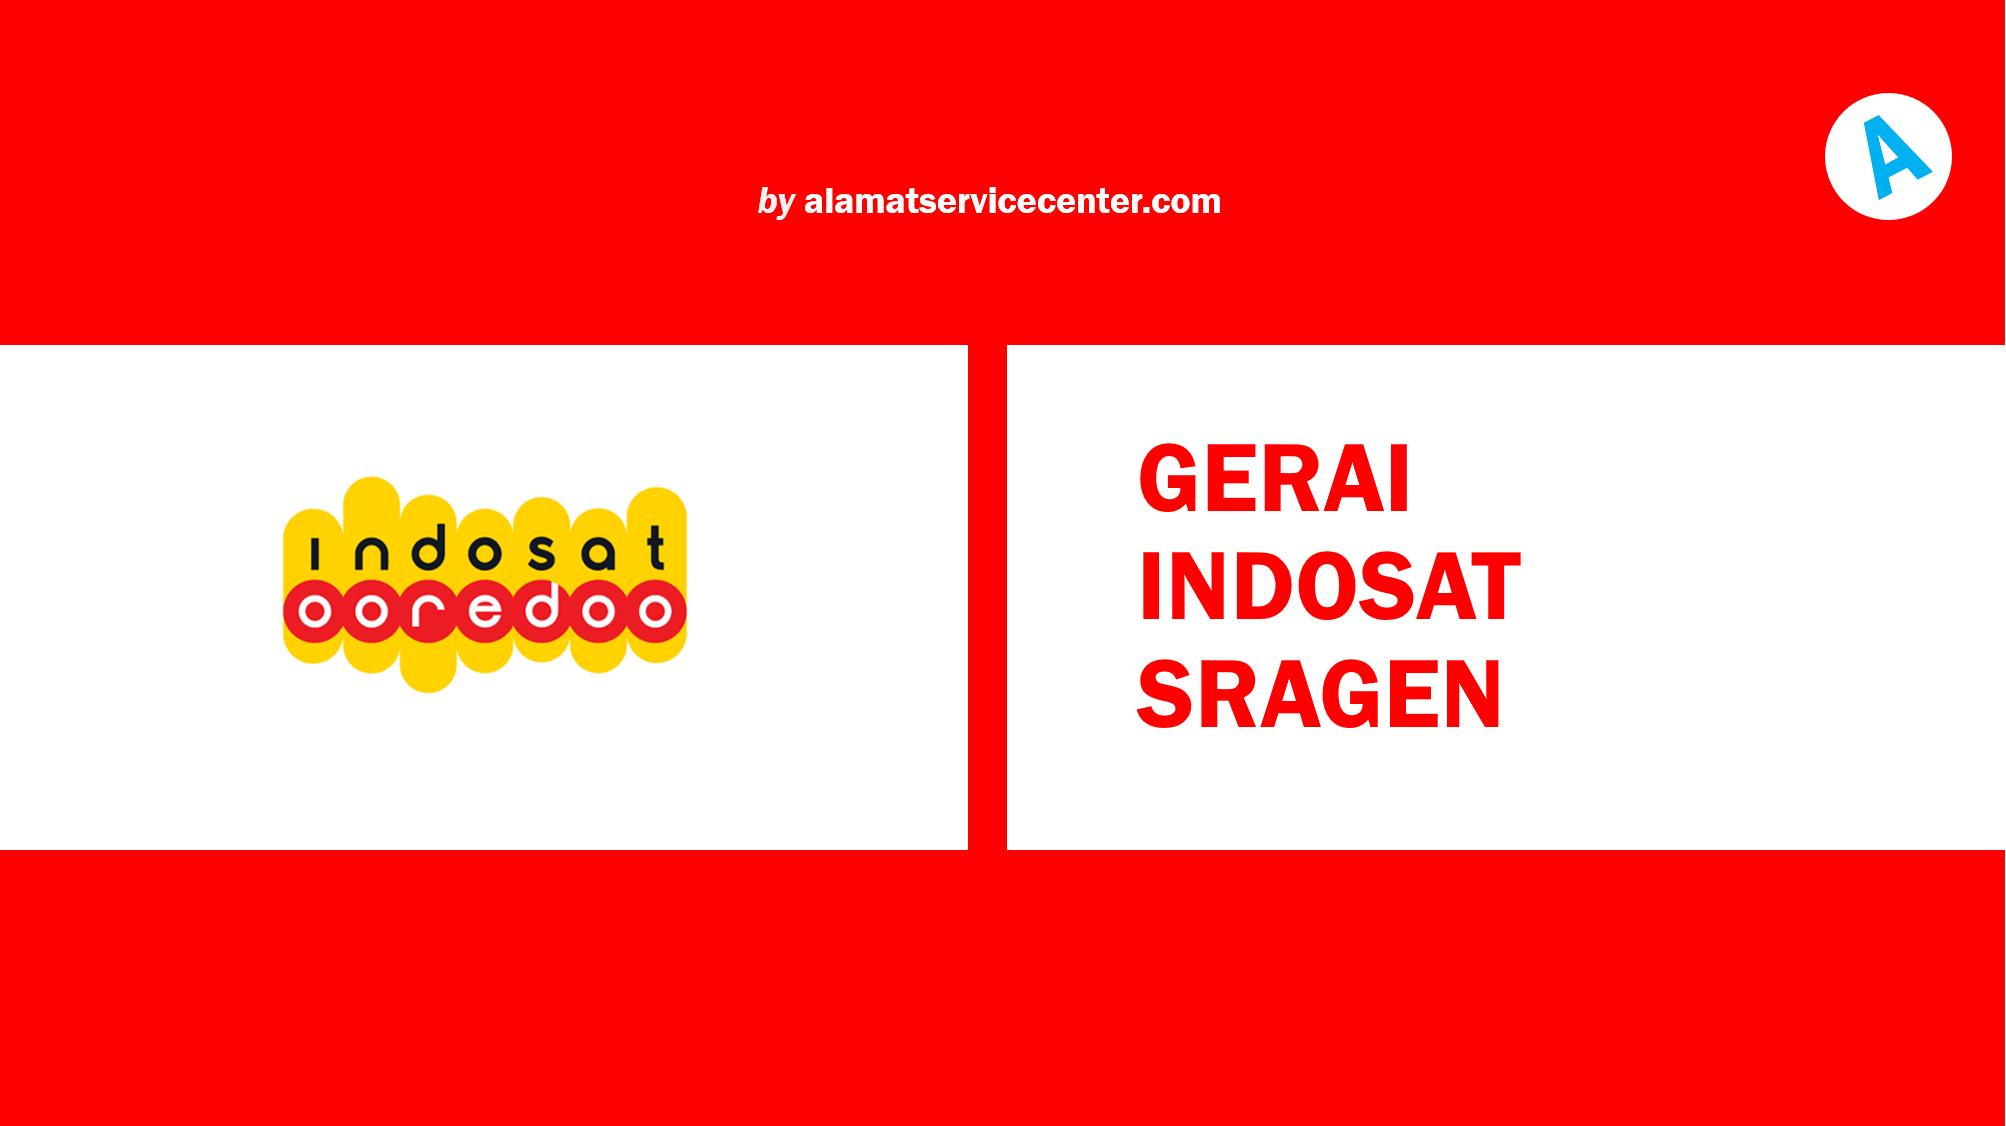 Gerai Indosat Sragen